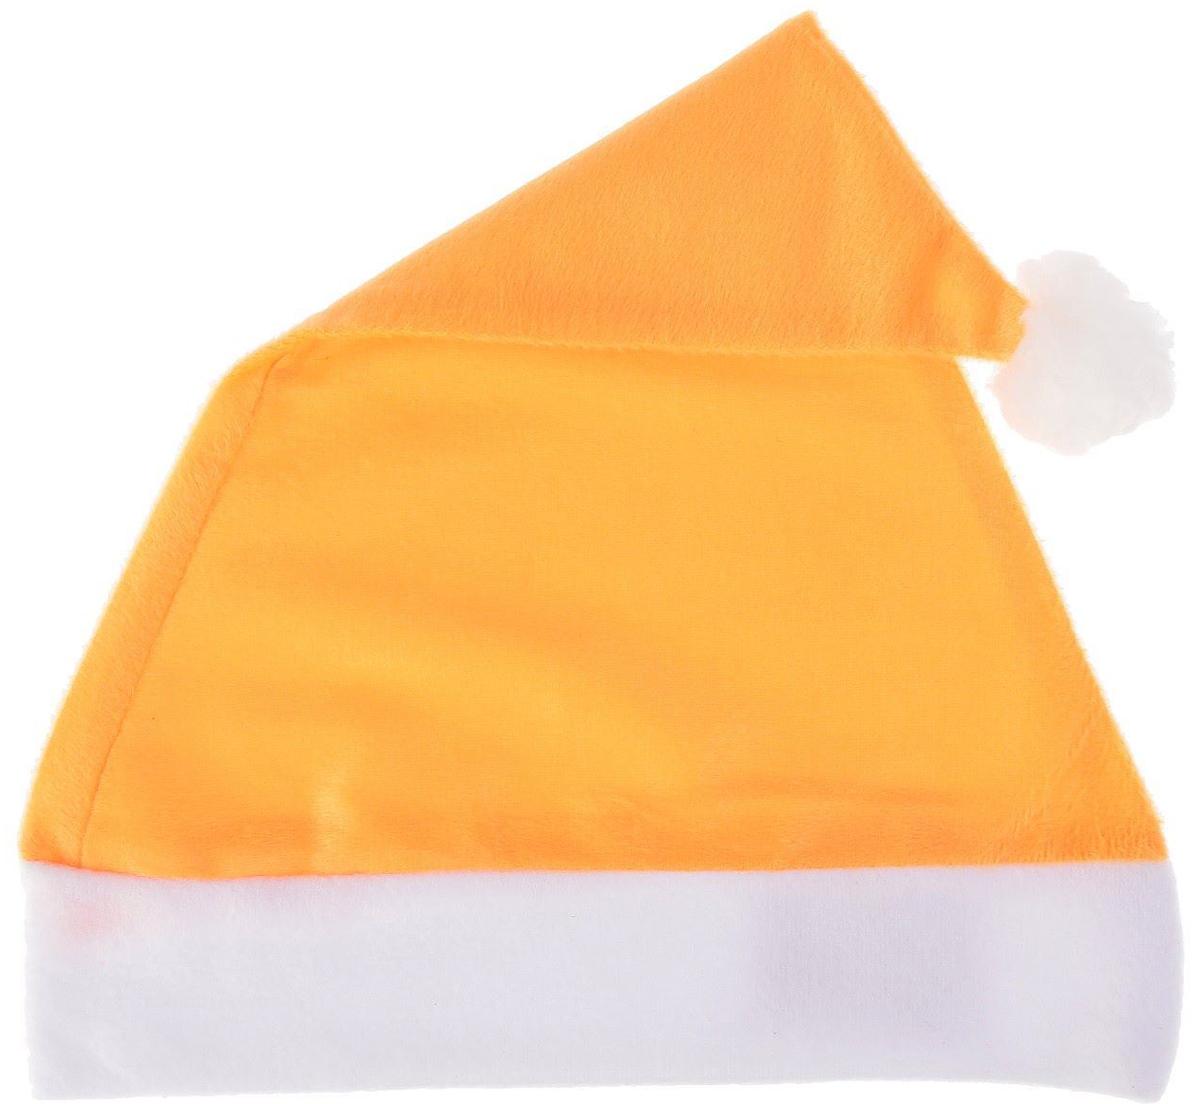 Колпак новогодний Блеск, цвет: оранжевый, 28 х 38 см2351991Колпак - традиционный новогодний головной убор, который дополнит любой праздничный костюм. Будет это корпоративная вечеринка, утренник в школе или отдых в компании друзей - изделие поднимет настроение, где бы вы ни находились.Колпачок подойдет тем, кто собирается отмечать зимний праздник в помещении. В противном случае его следует надеть на теплую шапку, чтобы не простудиться.